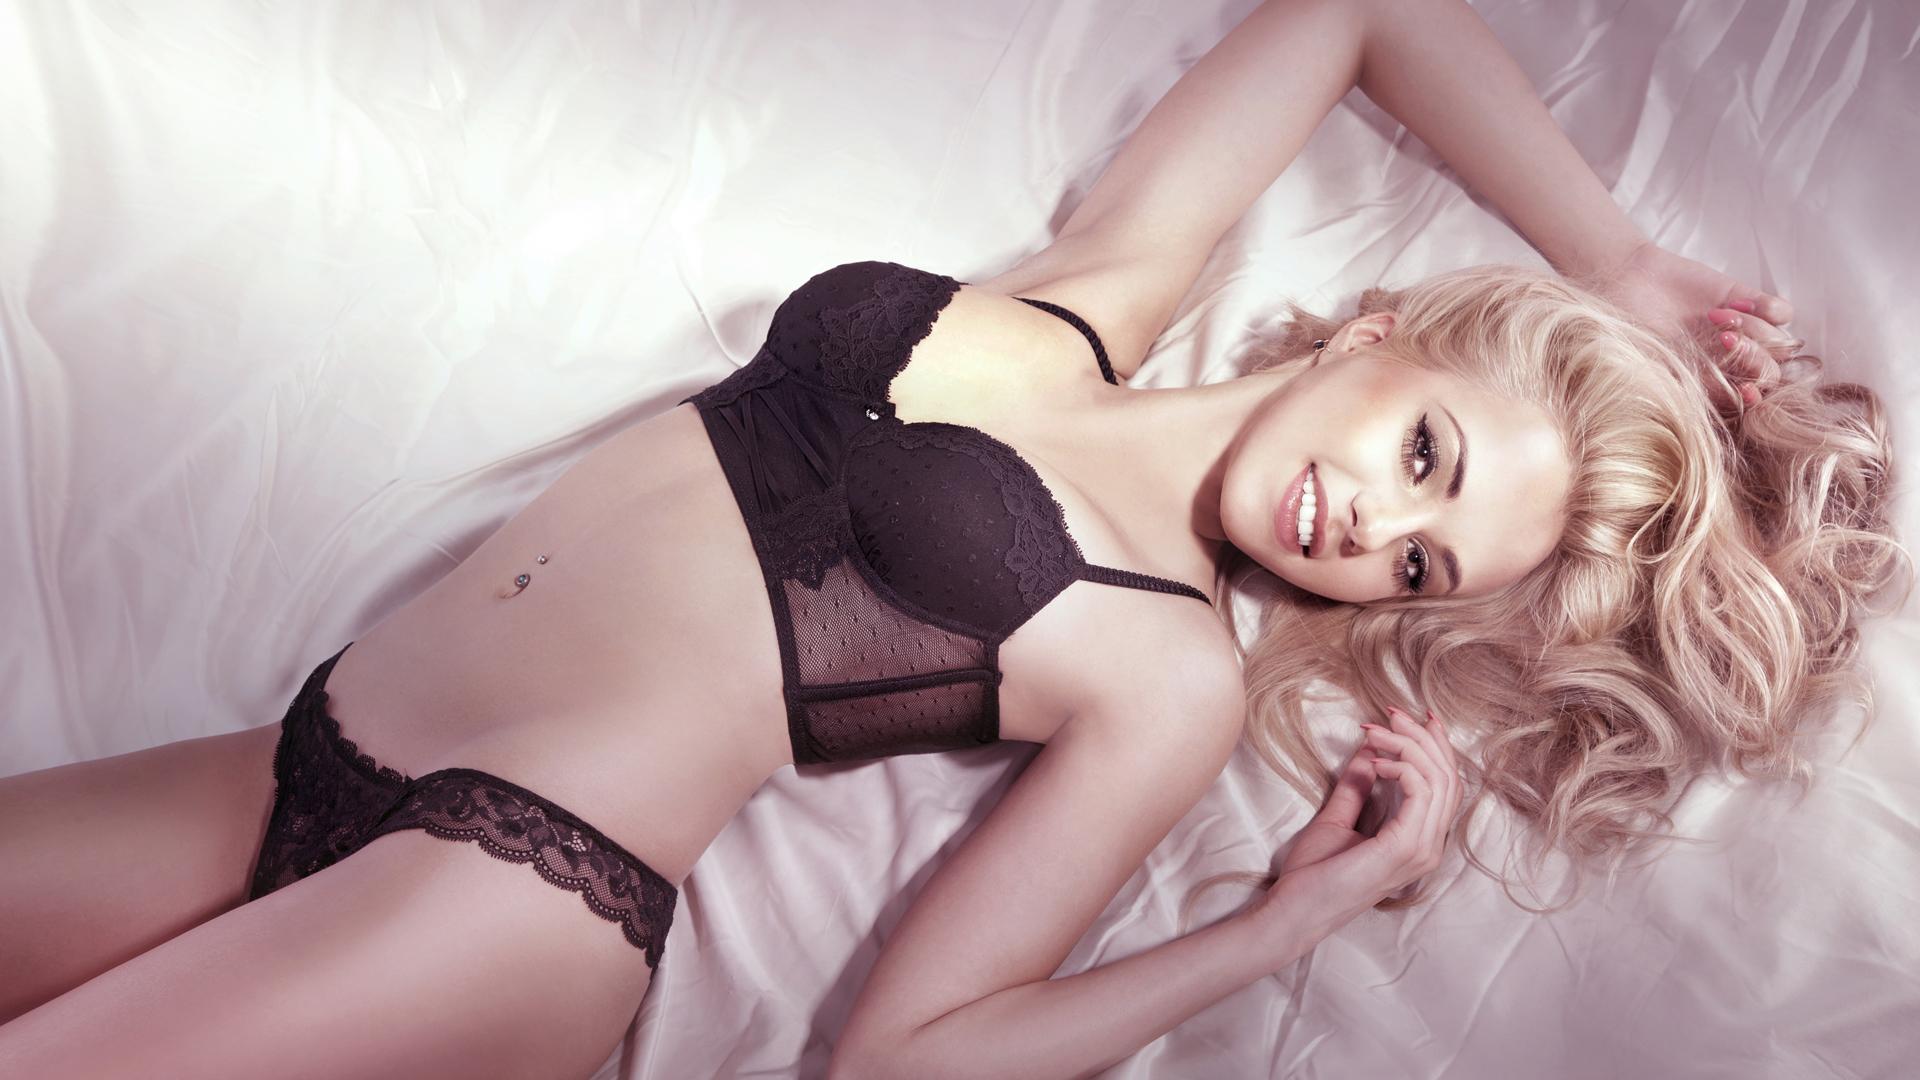 Orgasmos De Chicas cuál es el orgasmo femenino más potente - infobae